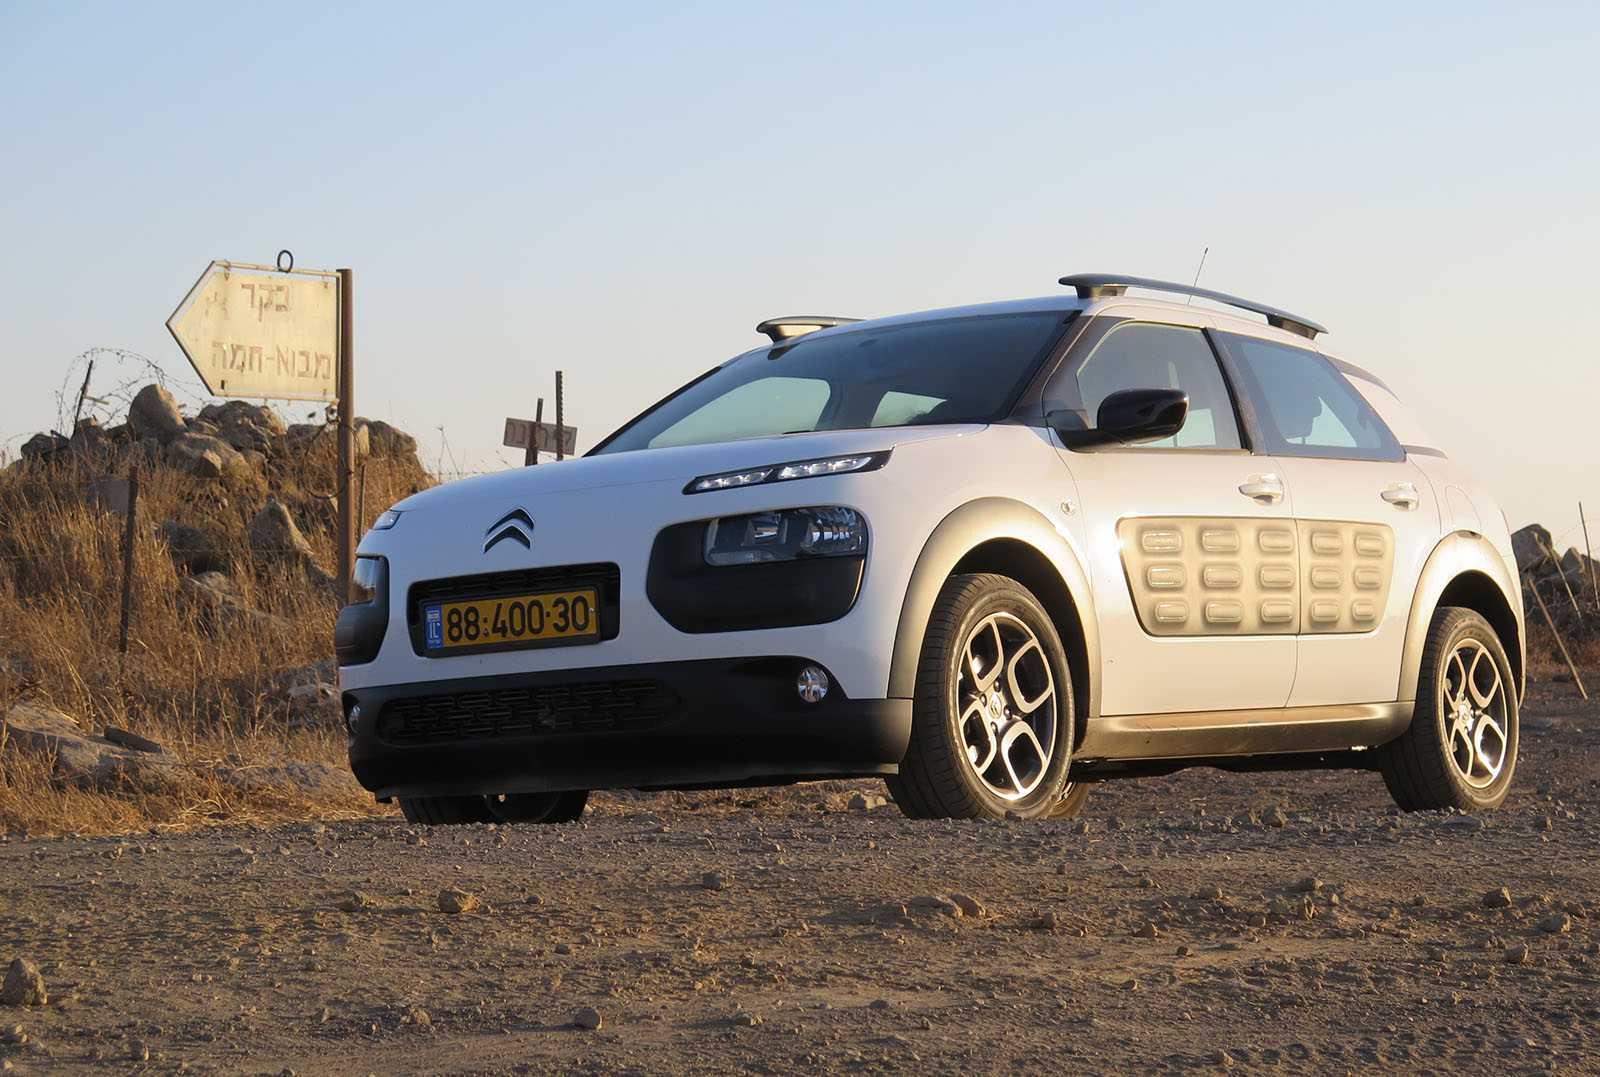 מבחן רכב סיטרואן קקטוס. לא רק קרוסאובר אלא גם הרבה יצירתיות. החל מ-90 אלף שקלים. צילום: רוני נאק